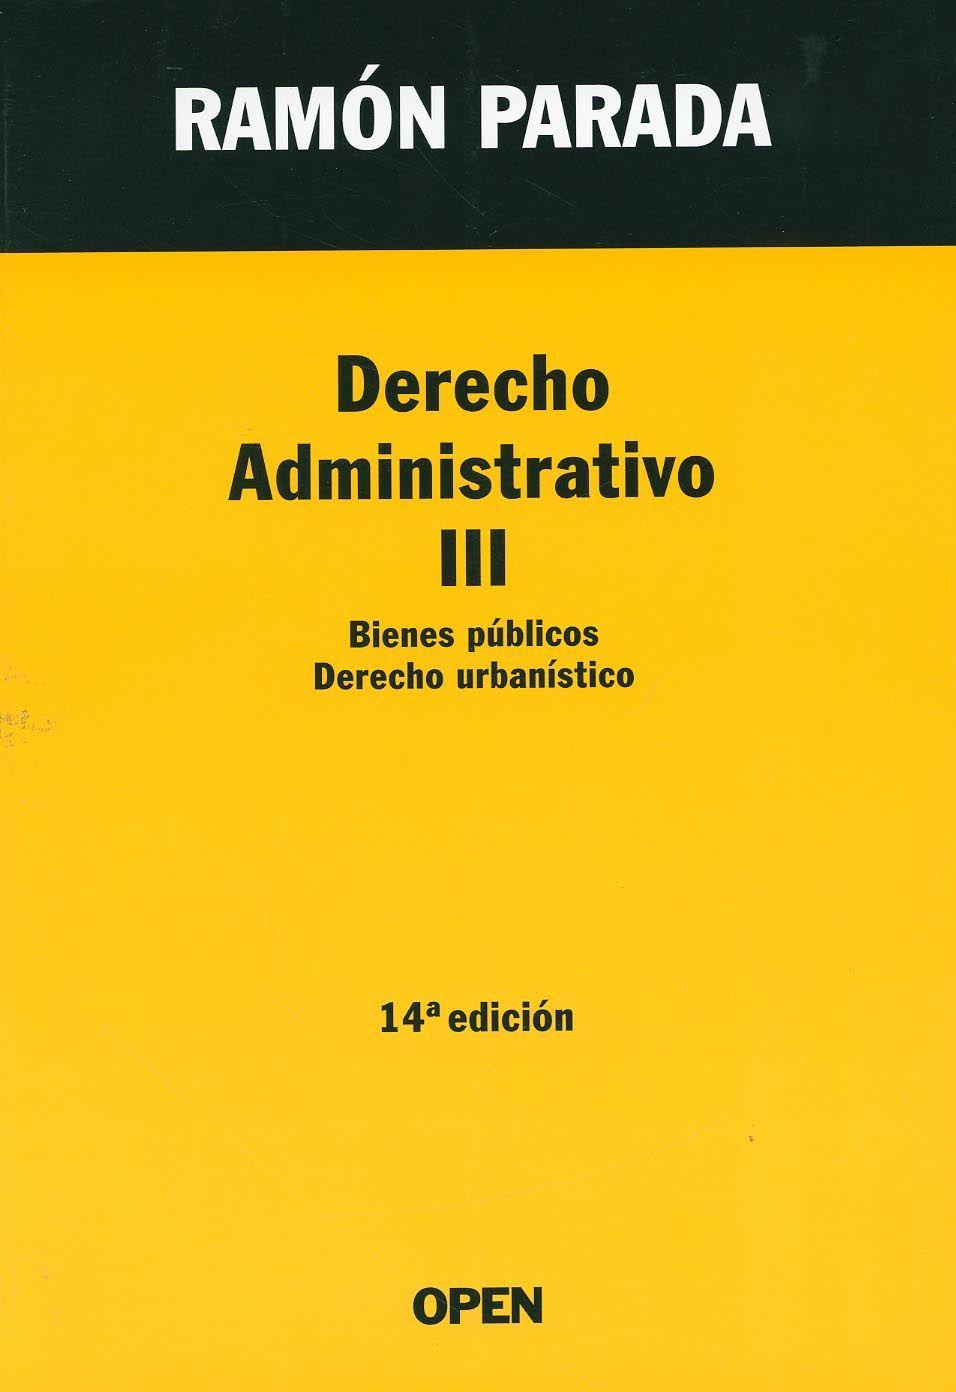 Derecho administrativo. III, Bienes públicos, derecho urbanístico / Ramón Parada. - Madrid [etc.] : Open, 2013. - 14a. ed.